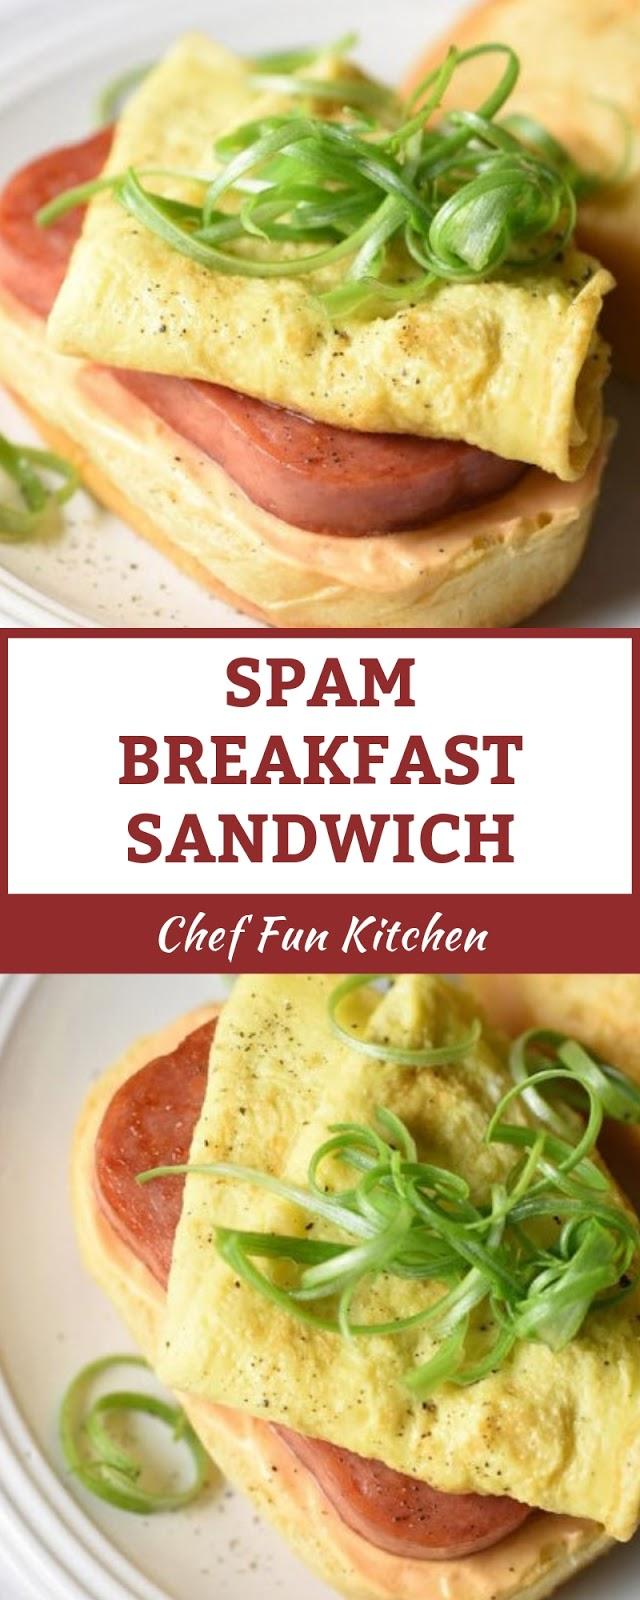 SPAM BREAKFAST SANDWICH